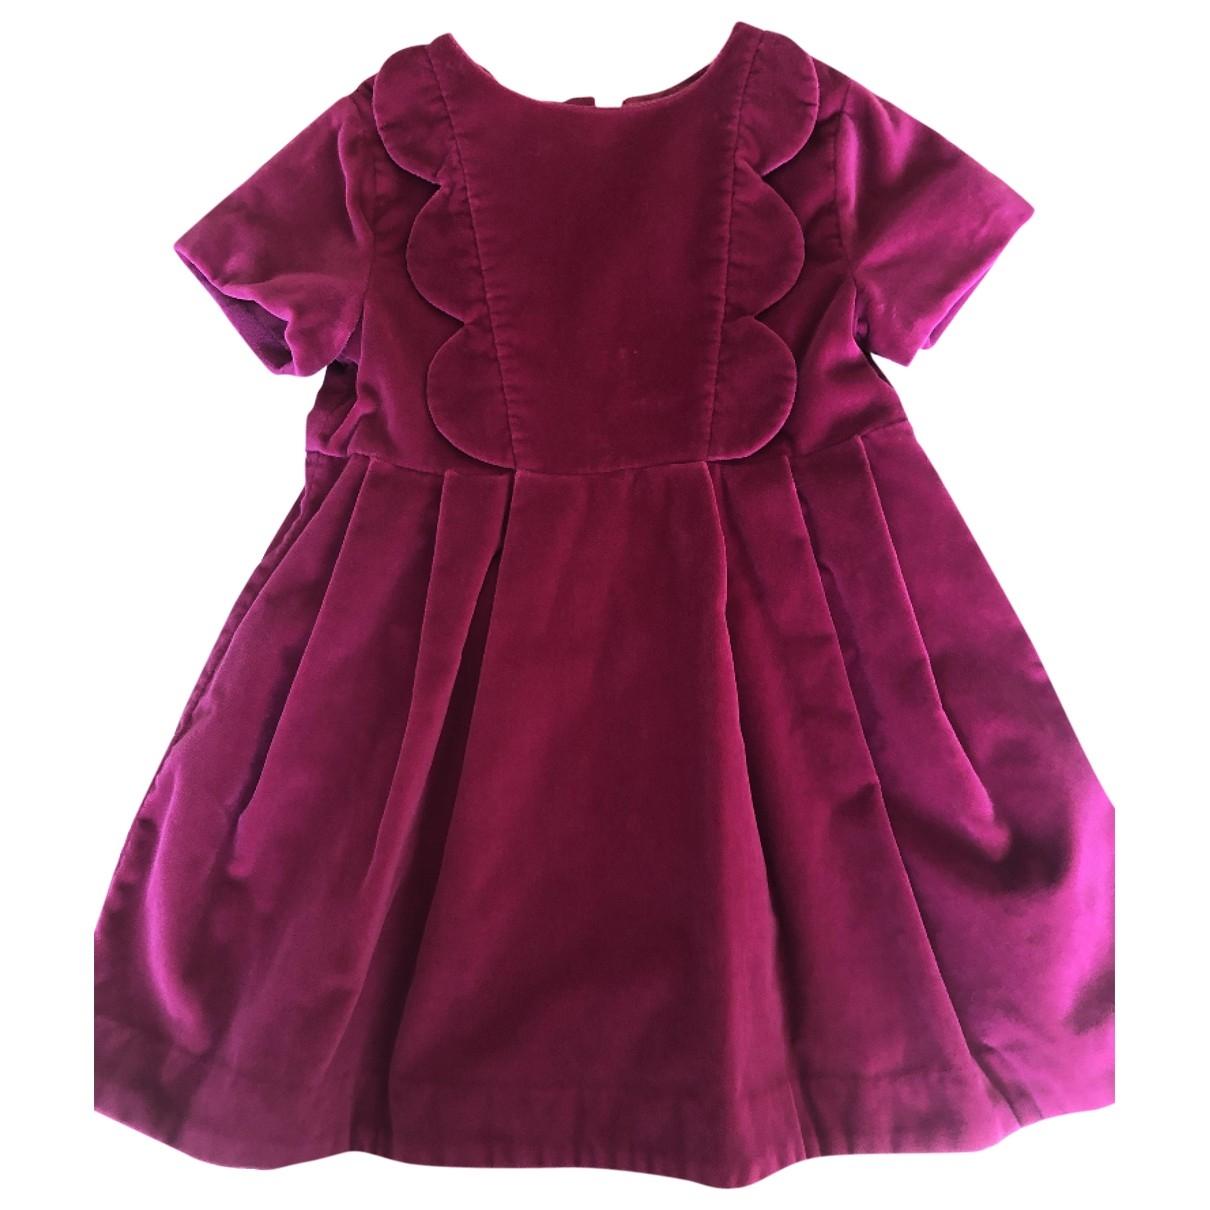 Jacadi \N Kleid in Samt